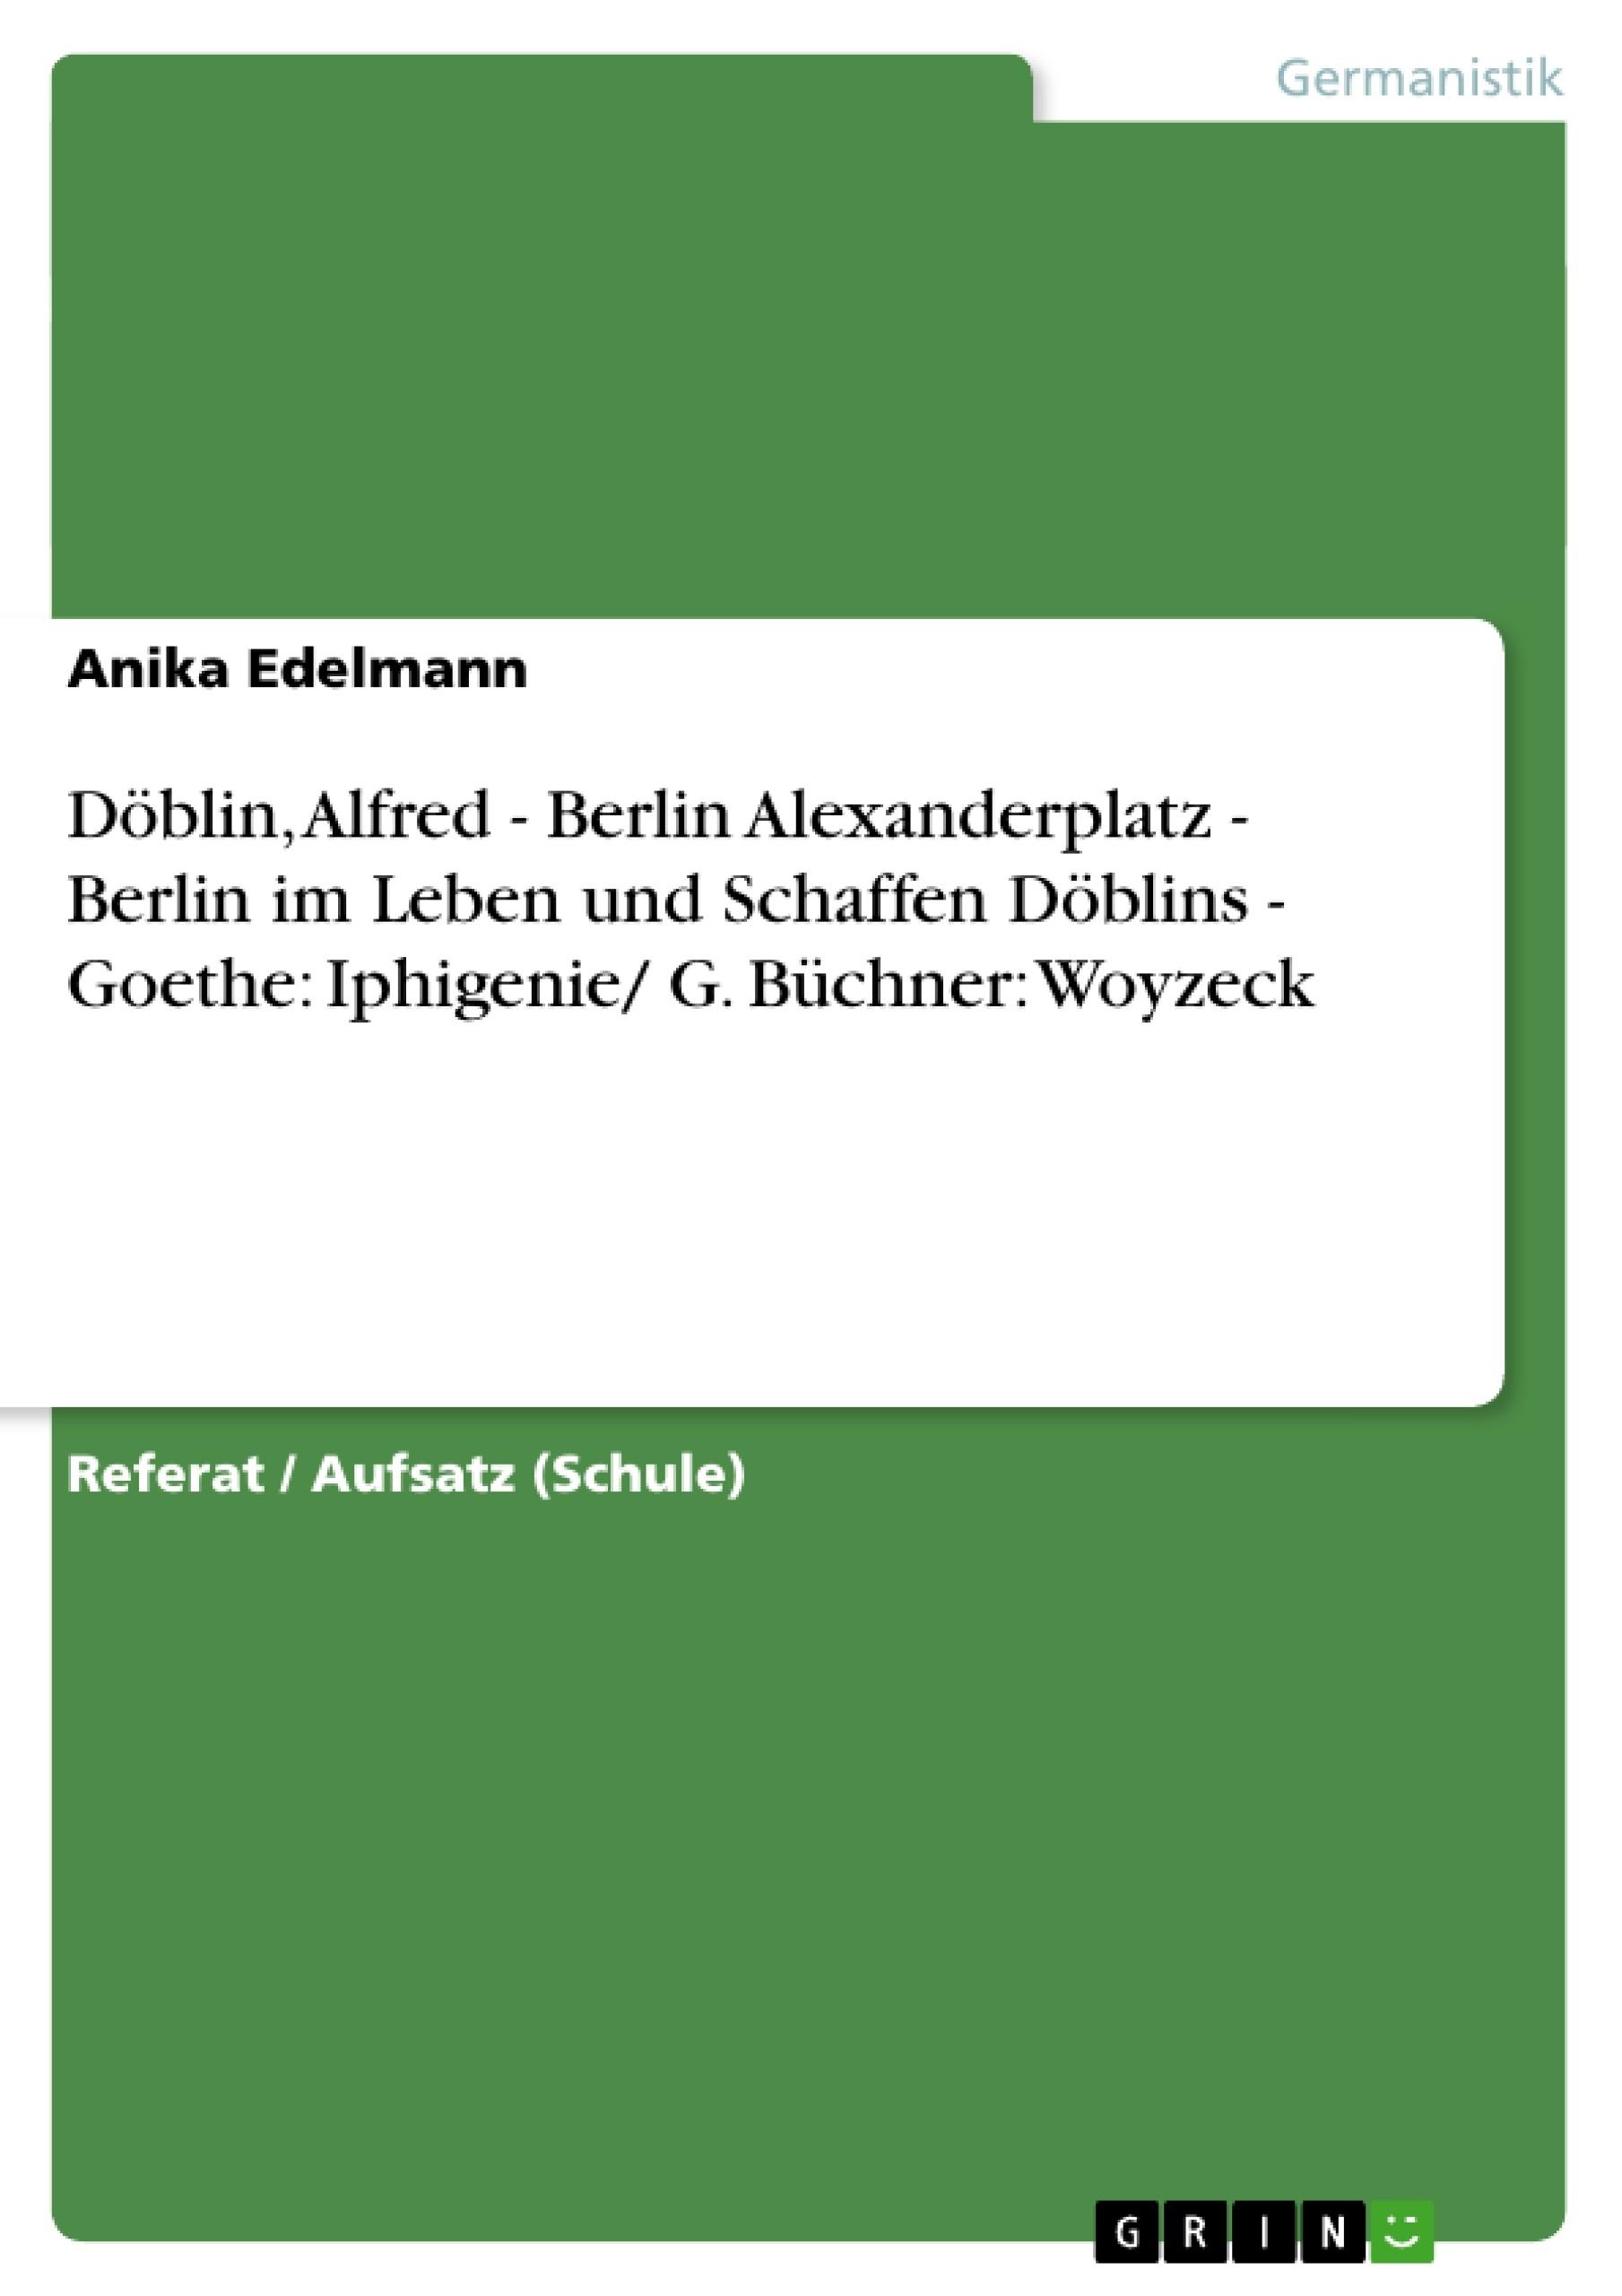 Titel: Döblin, Alfred - Berlin Alexanderplatz - Berlin im Leben und Schaffen Döblins  -  Goethe: Iphigenie/ G. Büchner: Woyzeck